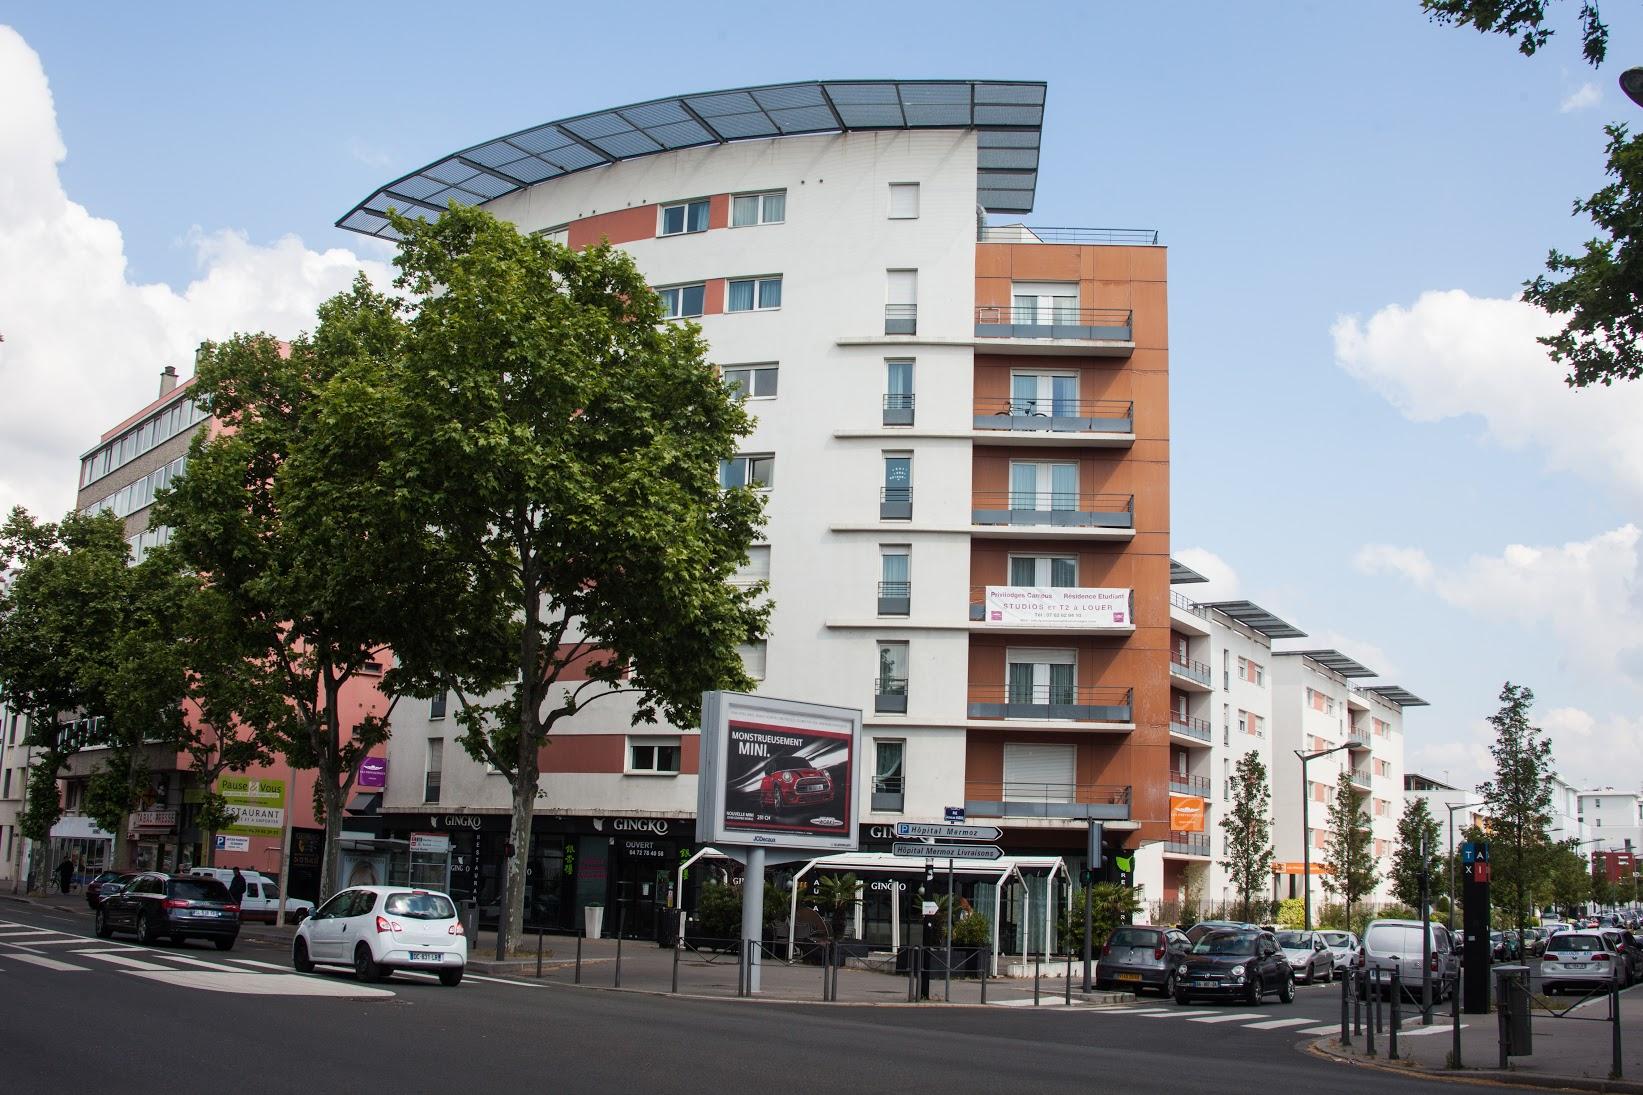 Contact privilodges lyon grange blanche - Hotel lyon grange blanche ...